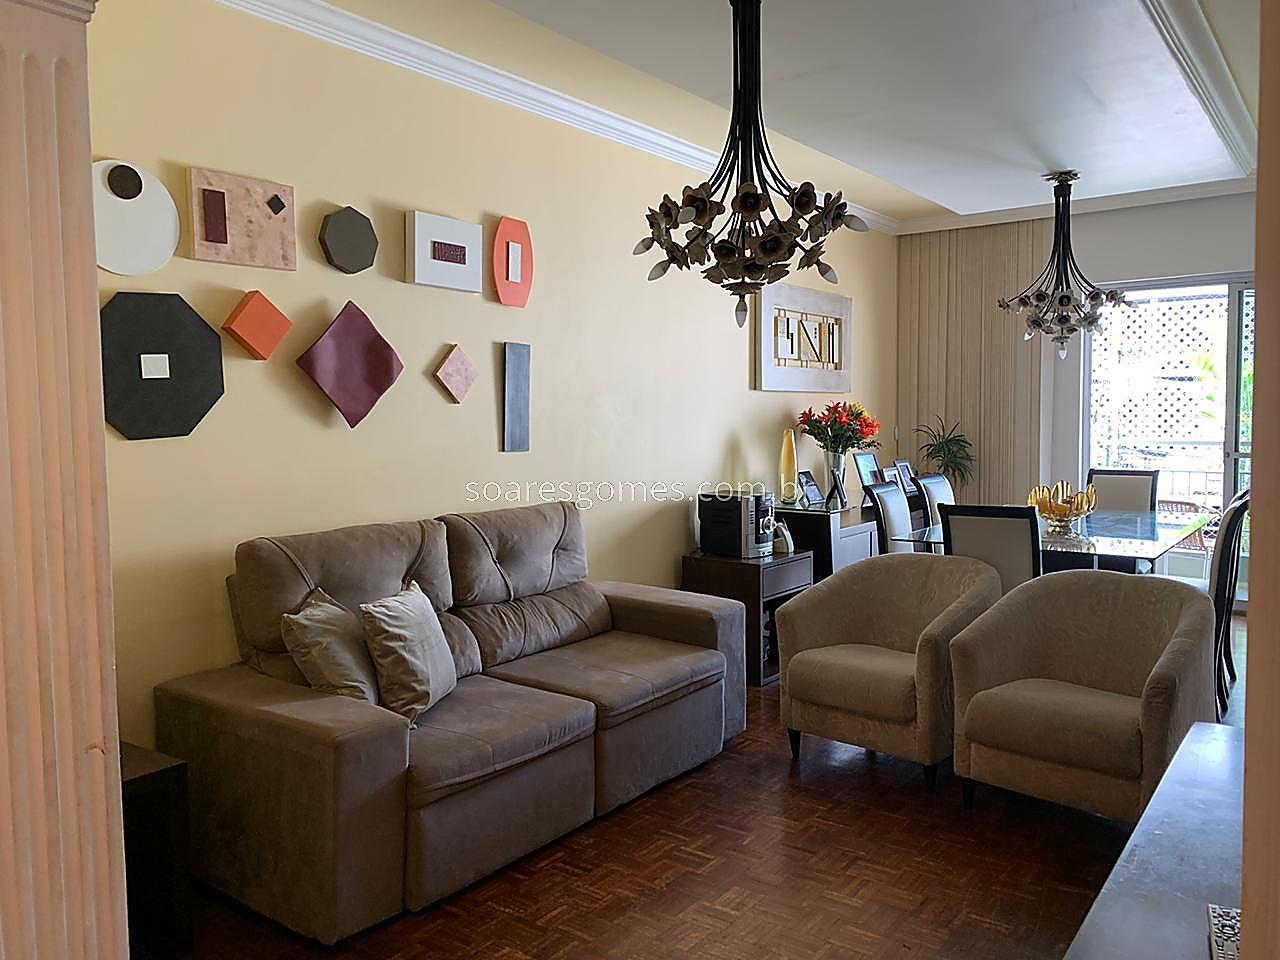 Apartamento à venda em Granbery, Juiz de Fora - MG - Foto 1